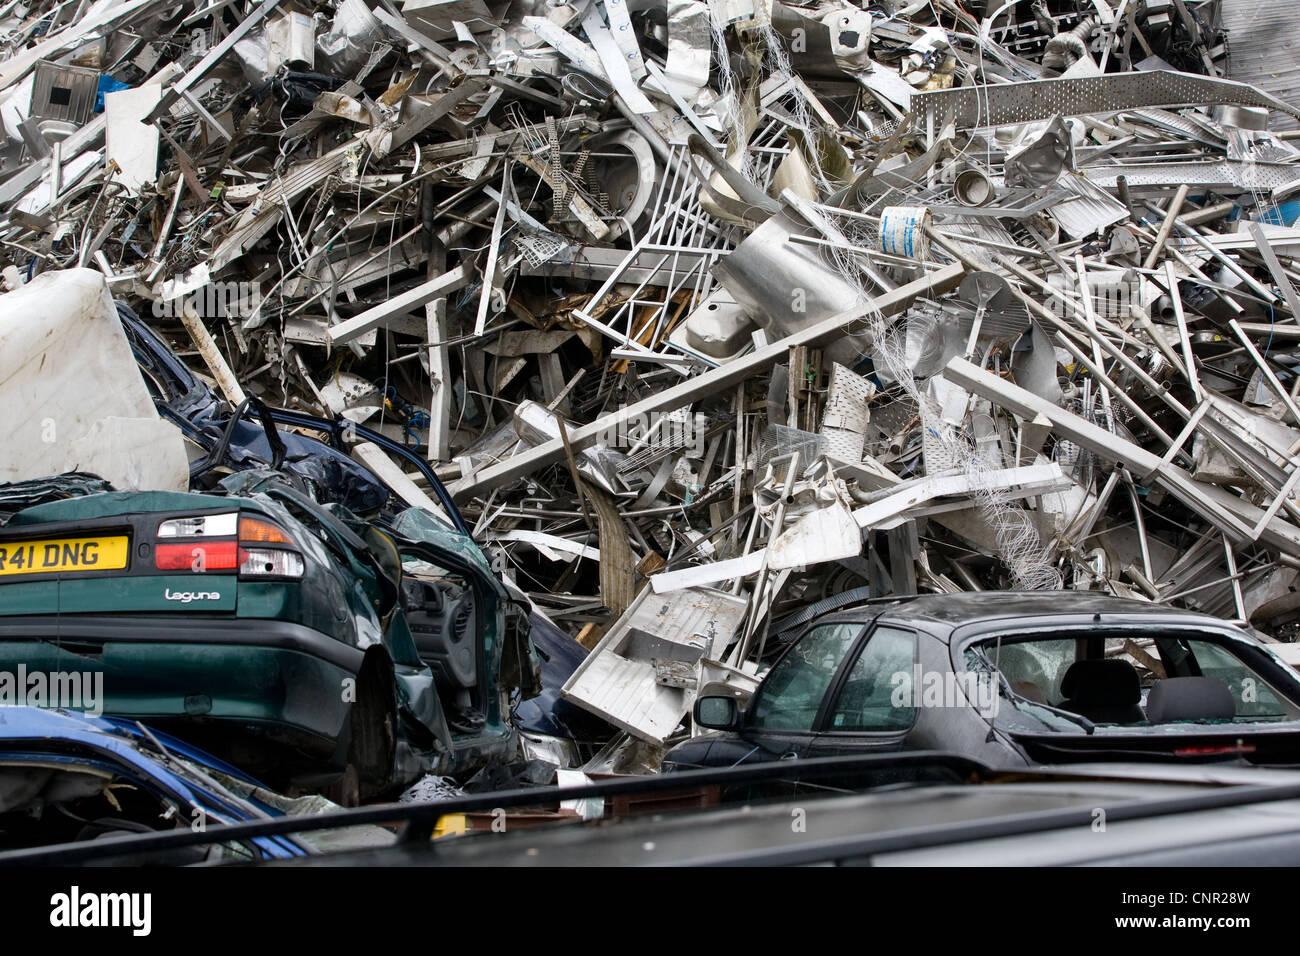 Scrap metal in a scrap yard - Stock Image